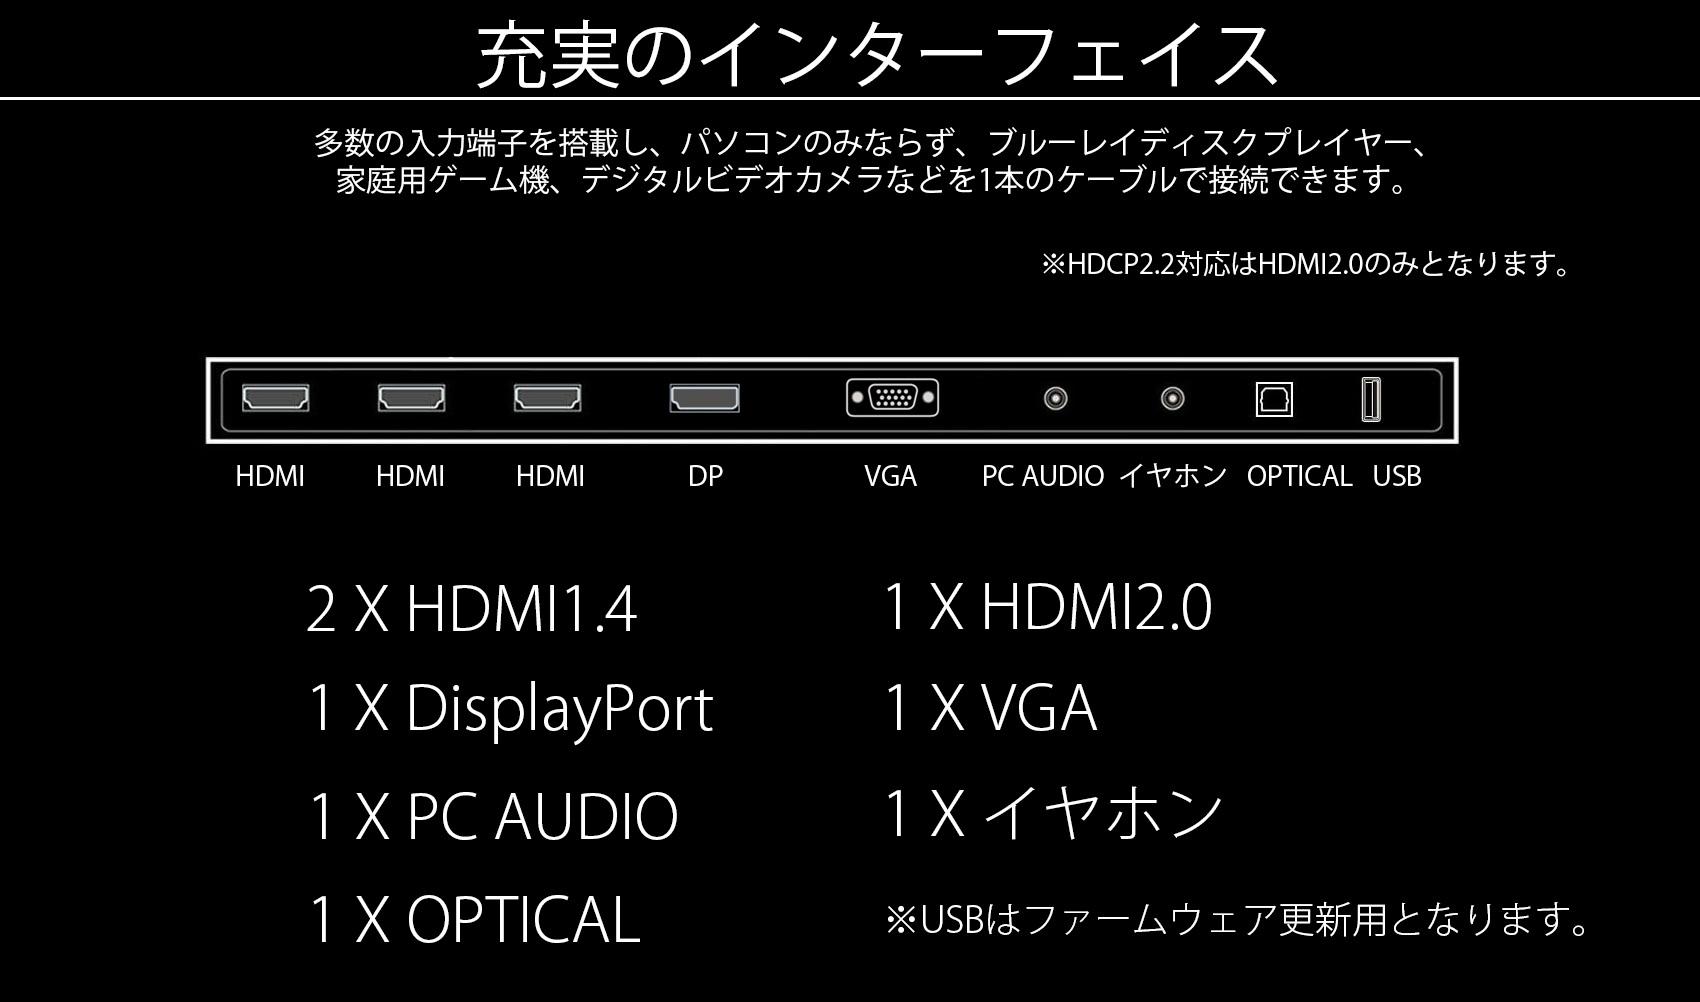 充実のインターフェース 多数の入力端子を搭載し、パソコンのみならず、ブルーレイディスクプレイヤー、ゲーム機、ビデオゲーム、ビデオカメラ、一本のケーブルで接続できます。 4 X HDMI 1 X イヤホン(出力) 1 X Optical出力1 X USB